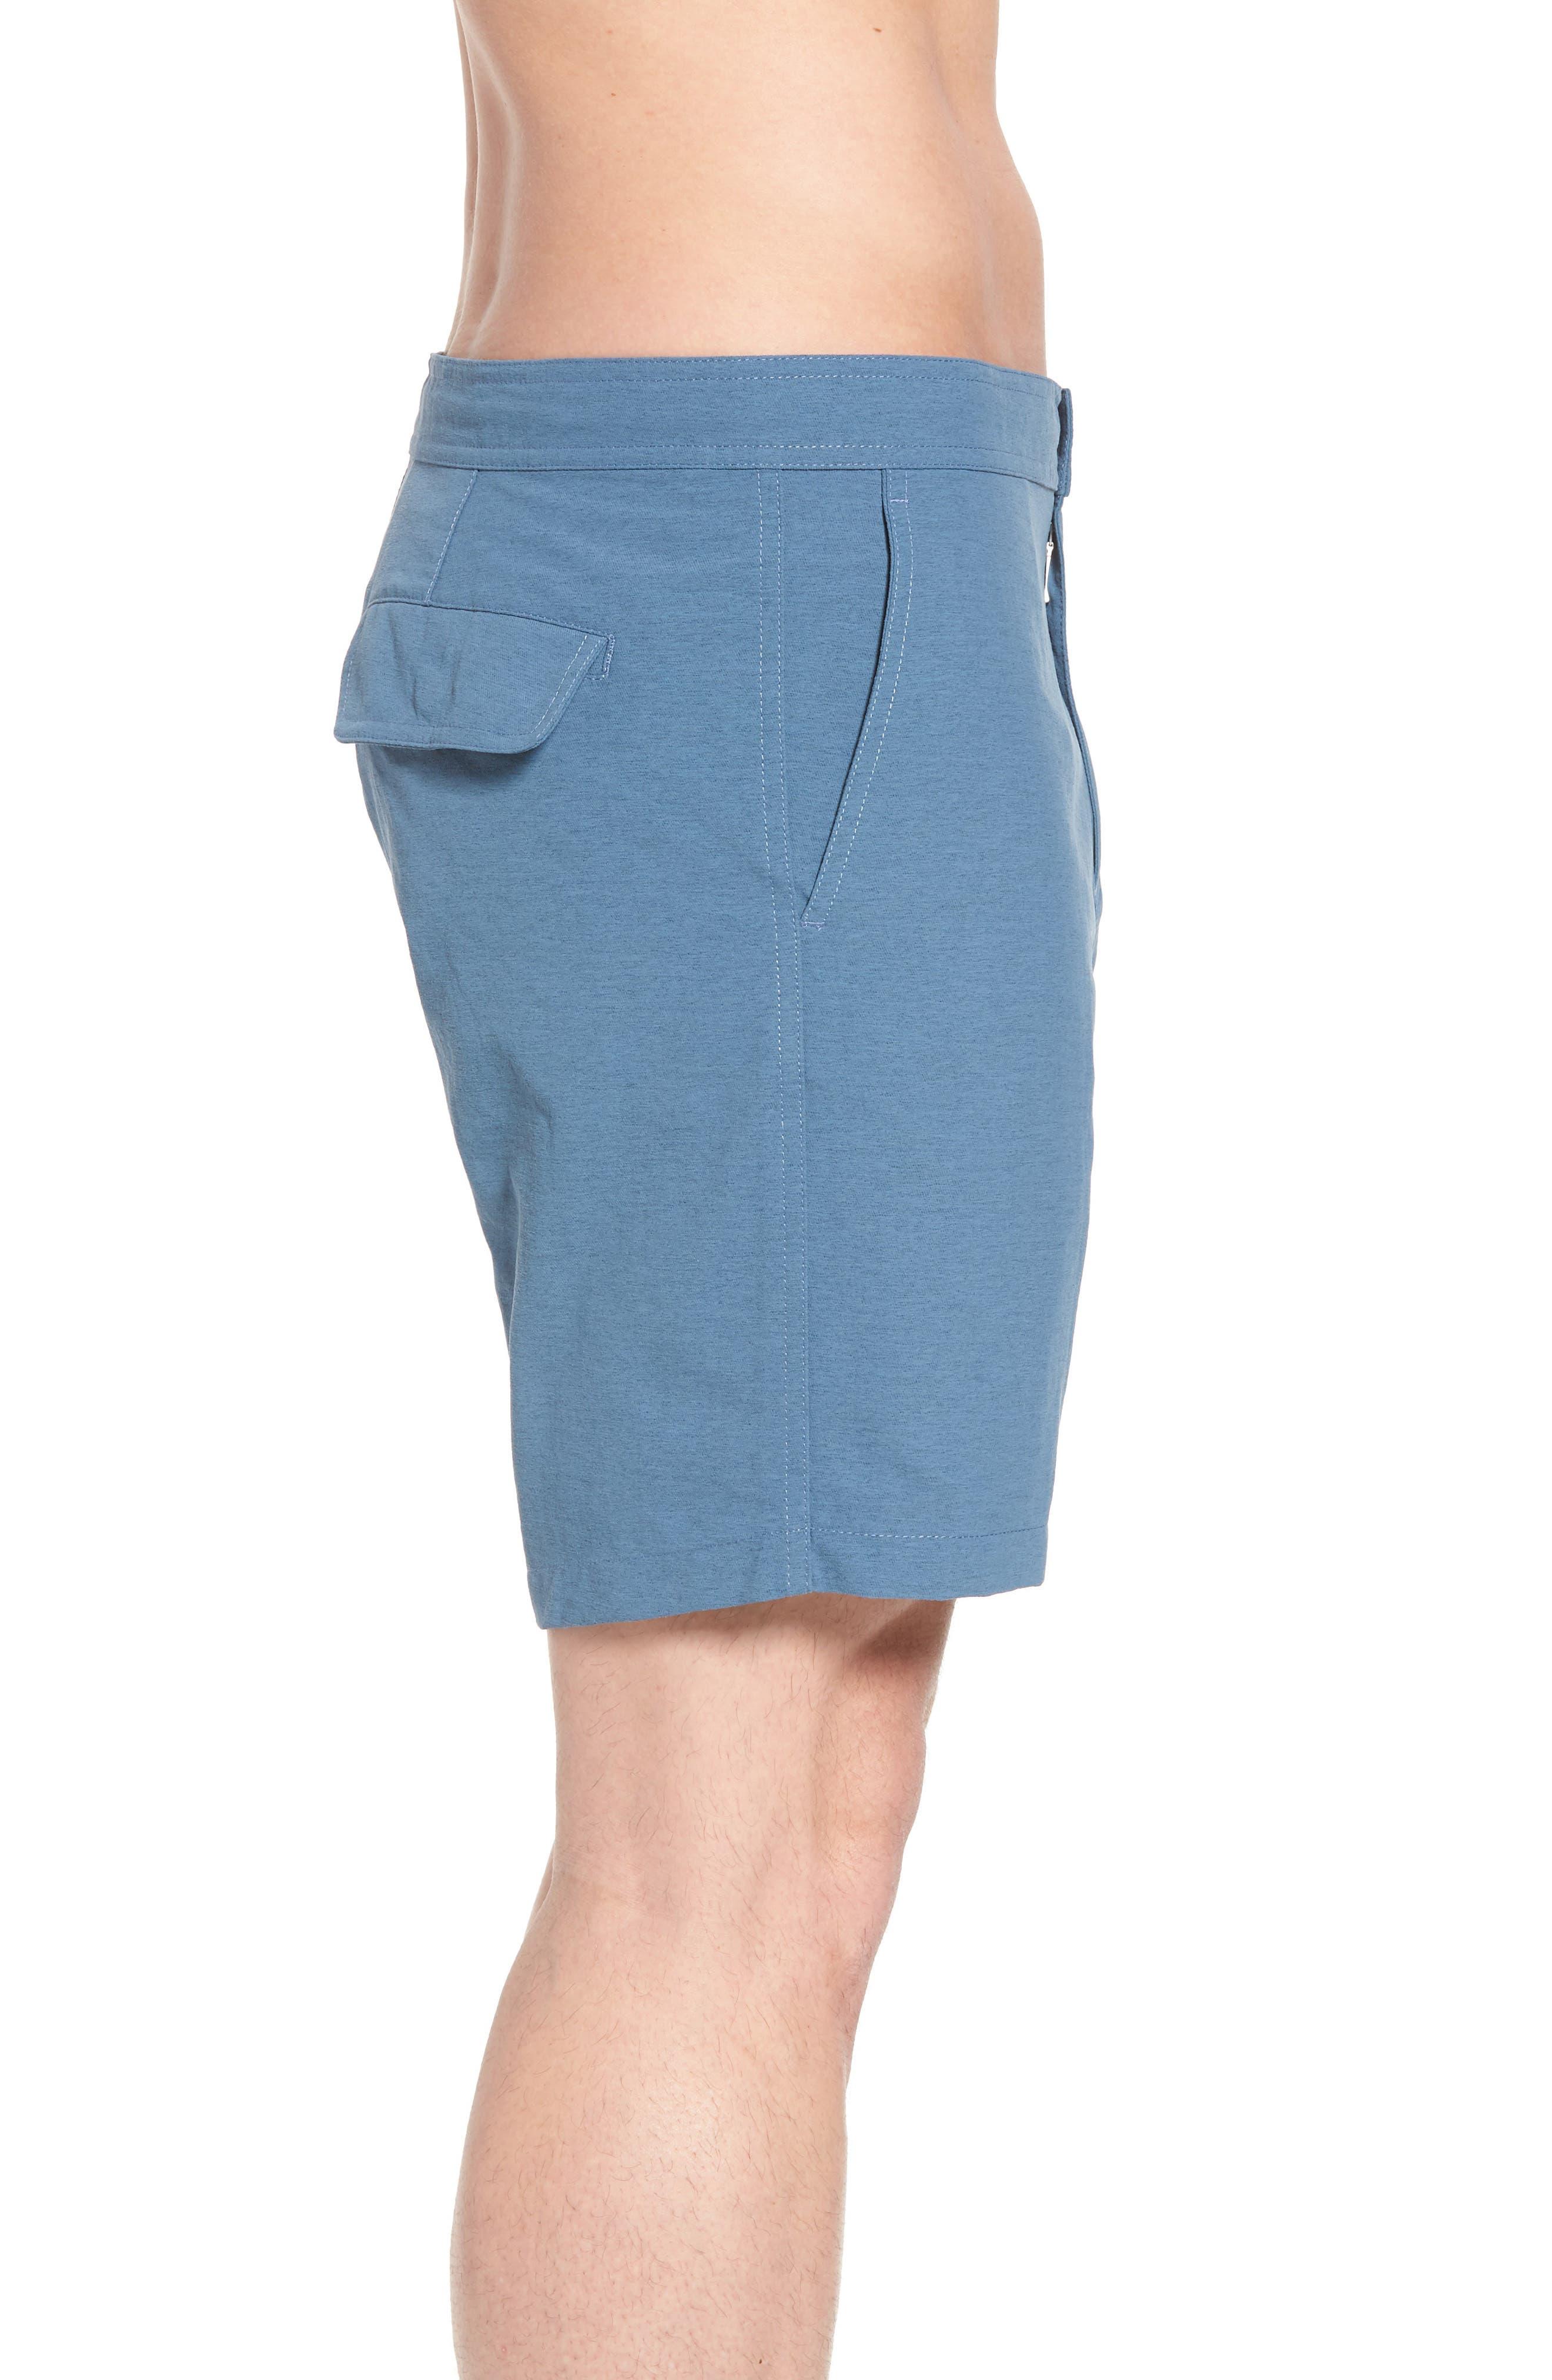 Bond Hybrid Shorts,                             Alternate thumbnail 3, color,                             TIDAL BLUE